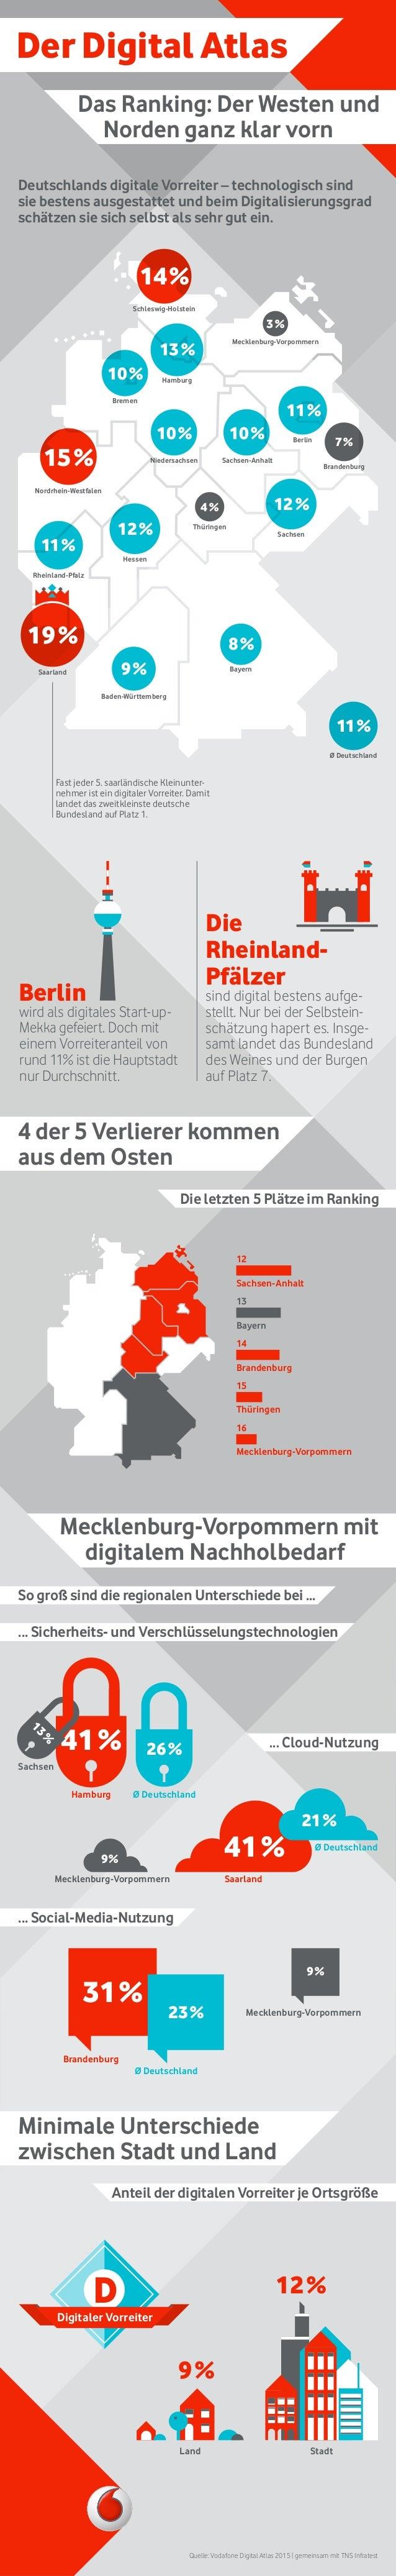 Der Digital Atlas Das Ranking: Der Westen und Norden ganz klar vorn Mecklenburg-Vorpommern mit digitalem Nachholbedarf 4 d...